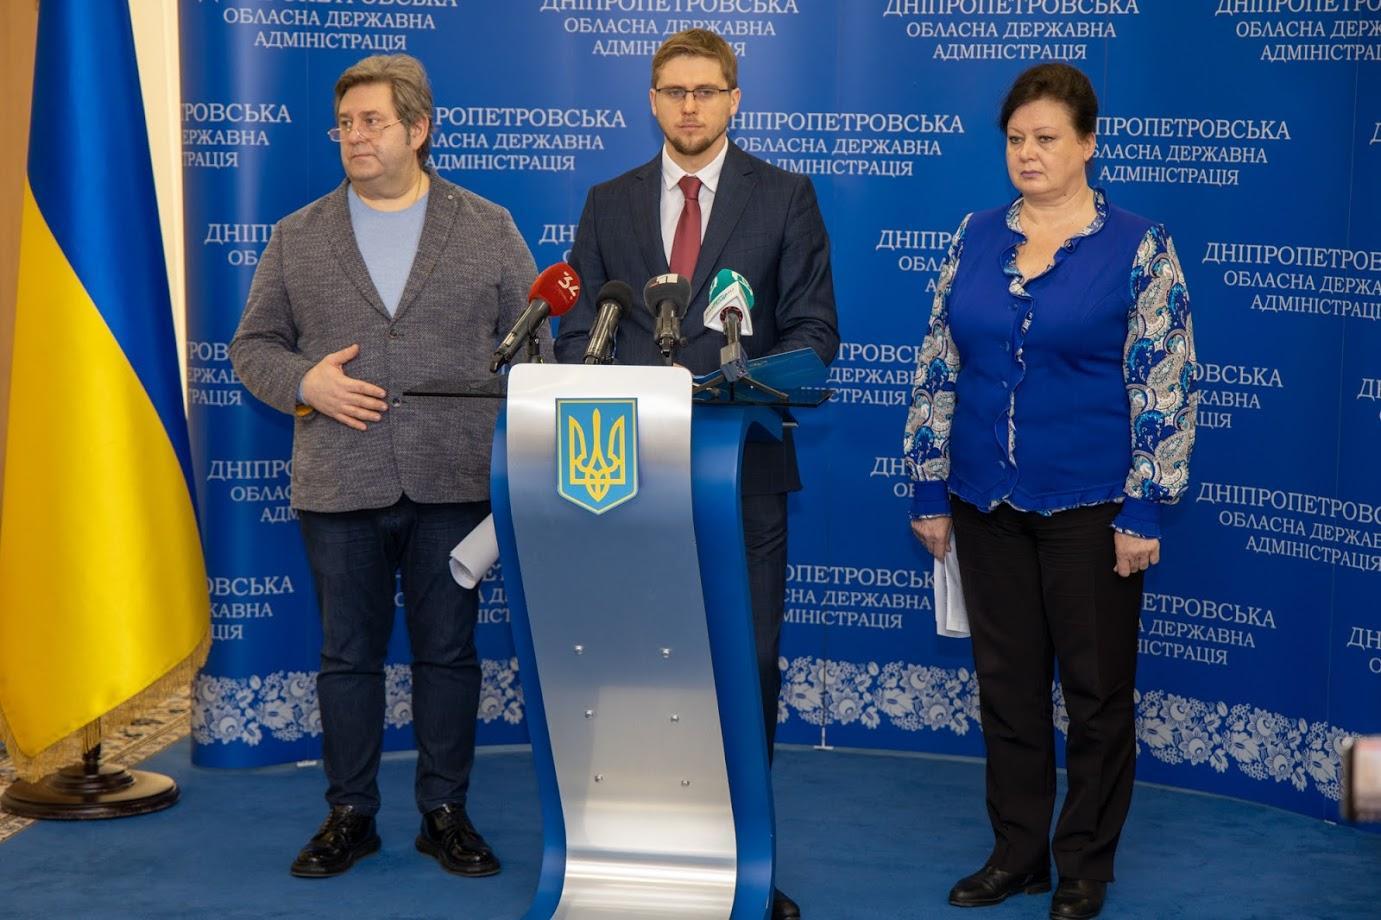 Как Днепропетровская область готовиться к возможному приходу коронавируса. Новости Днепра